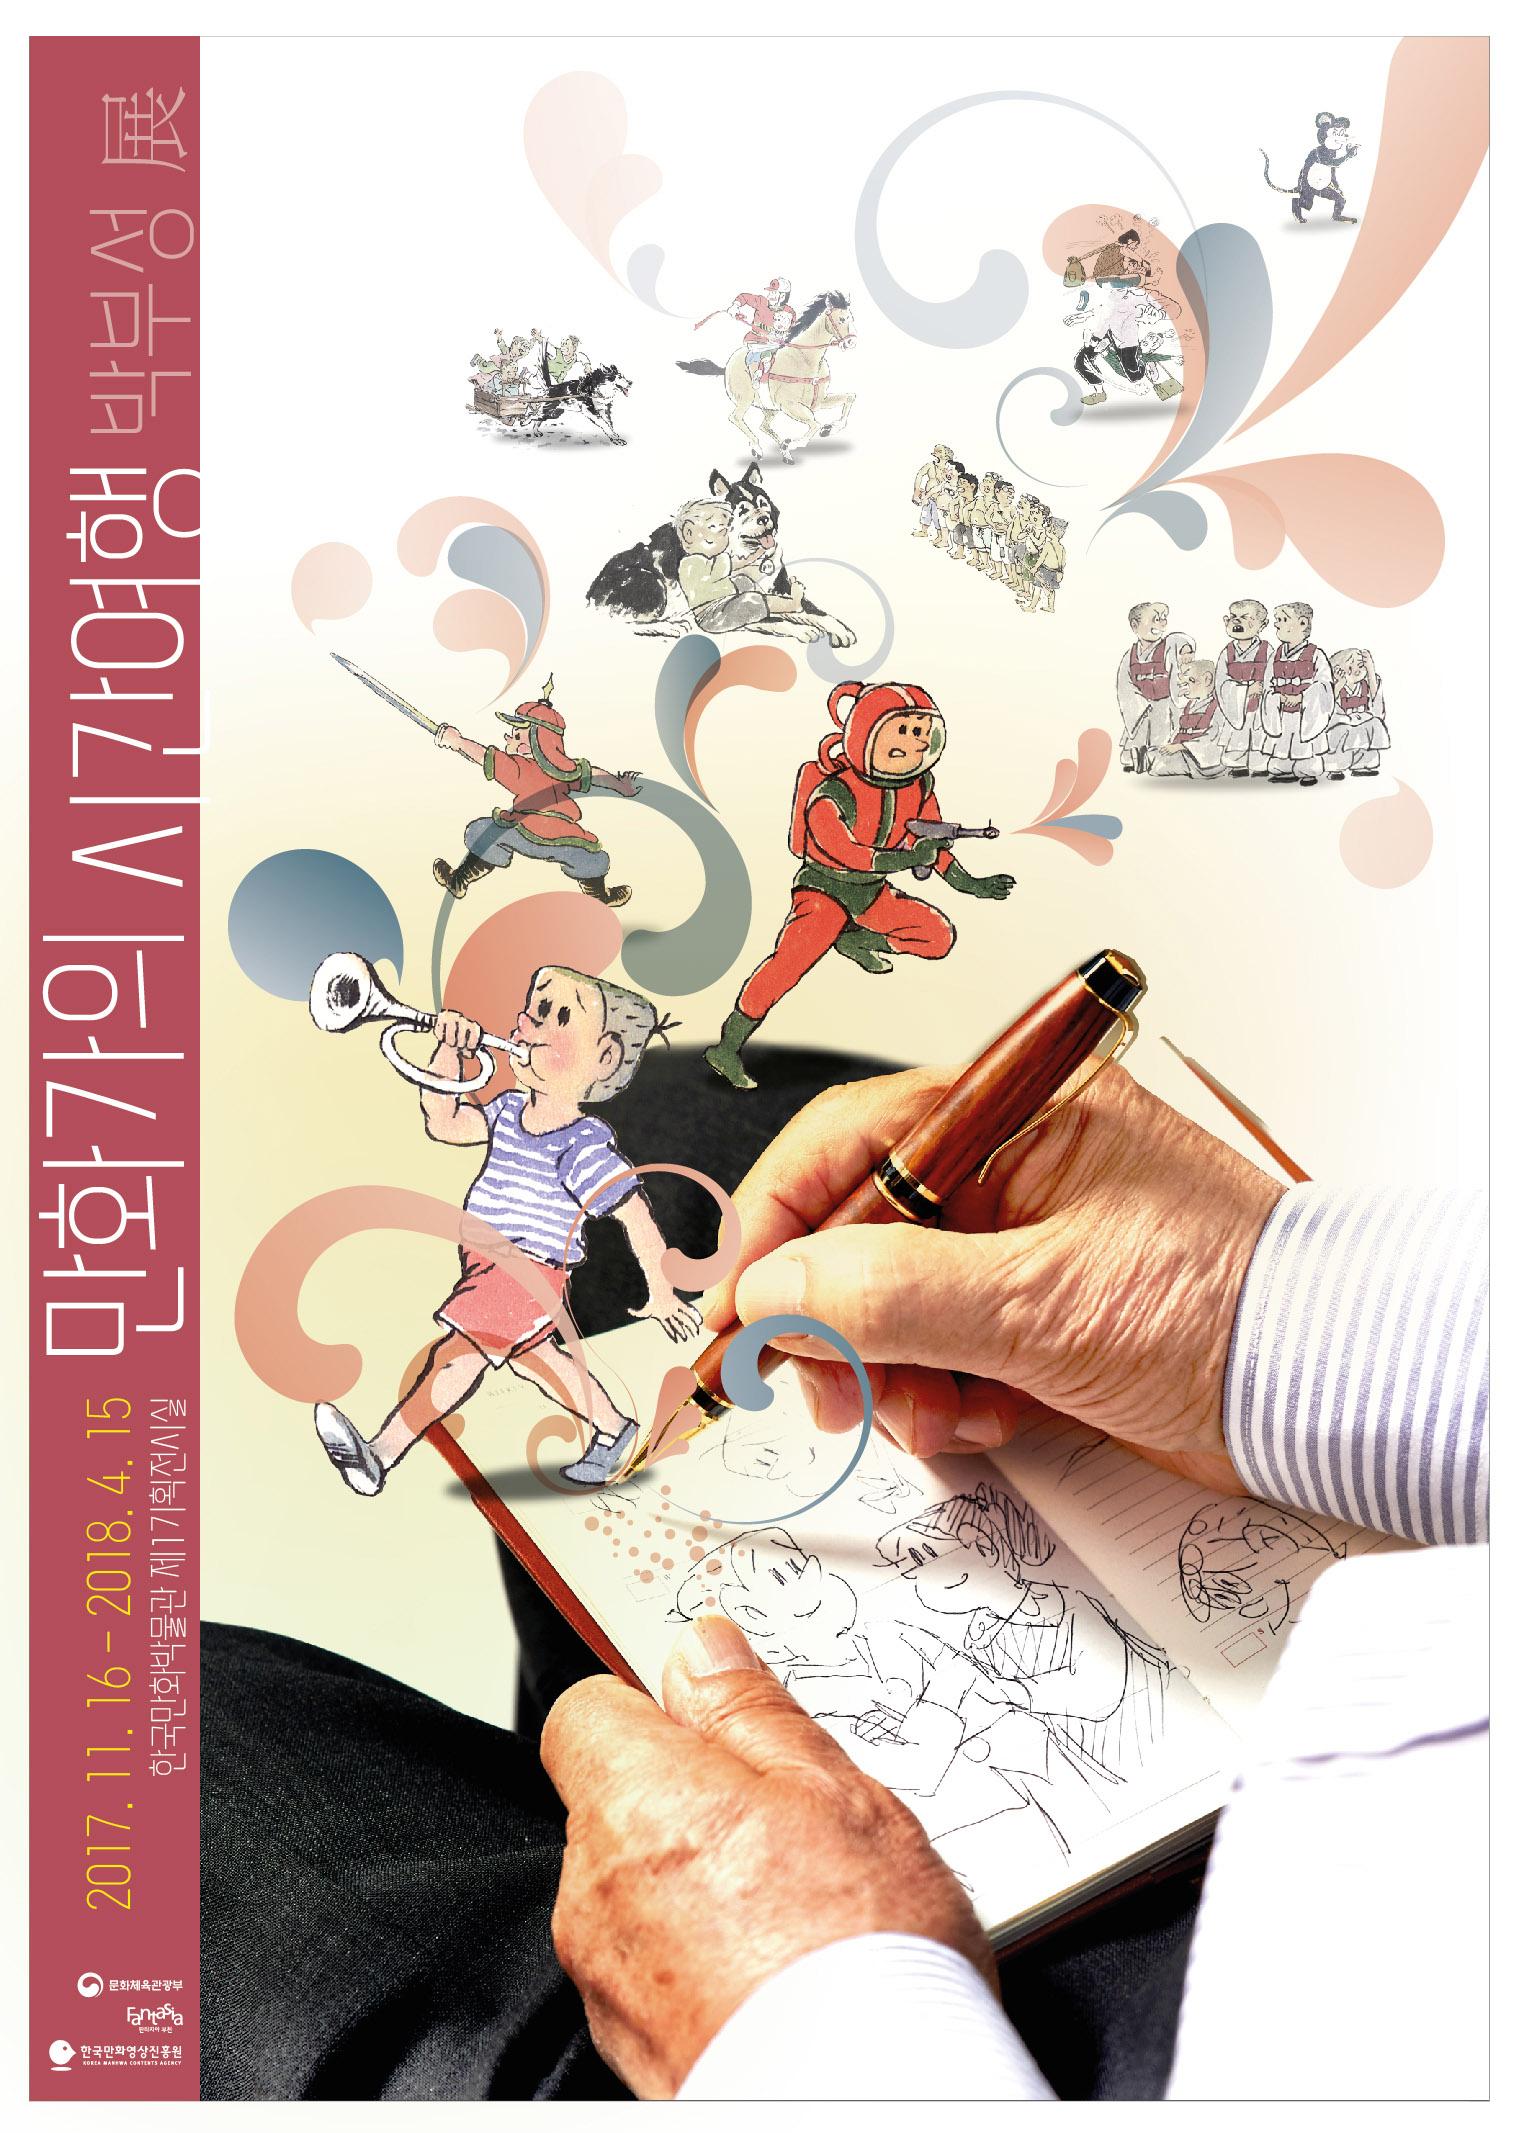 한국박물관협회 2017 올해의 우수활동상 수상 <박부성展 만화가의 시간여행>